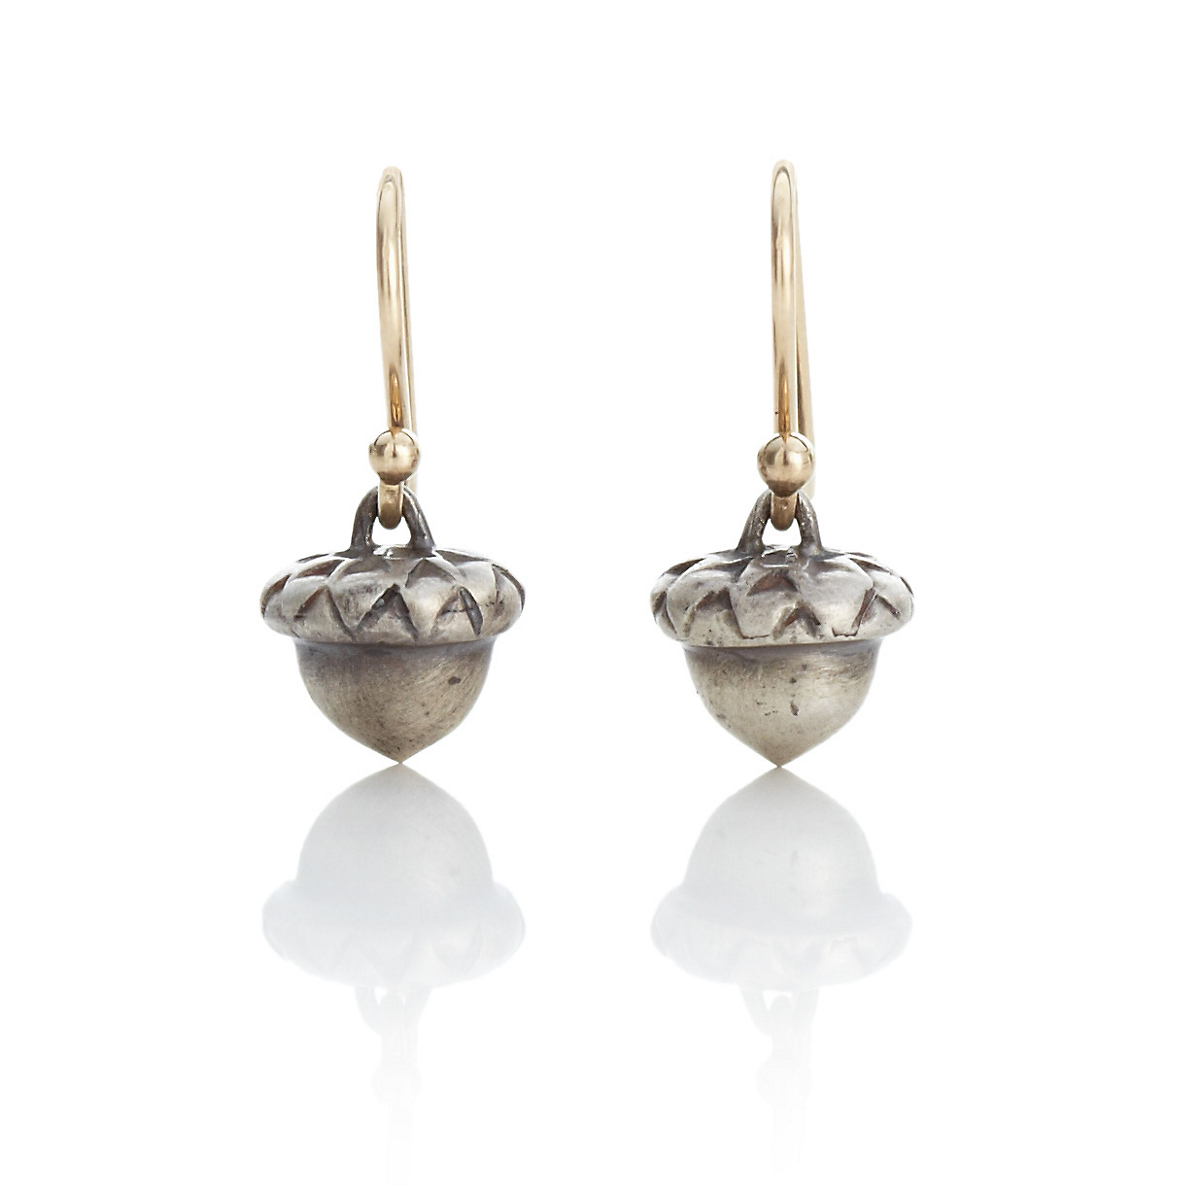 Gabriella Kiss Sterling Silver Acorn Earrings Jewelry Facebook